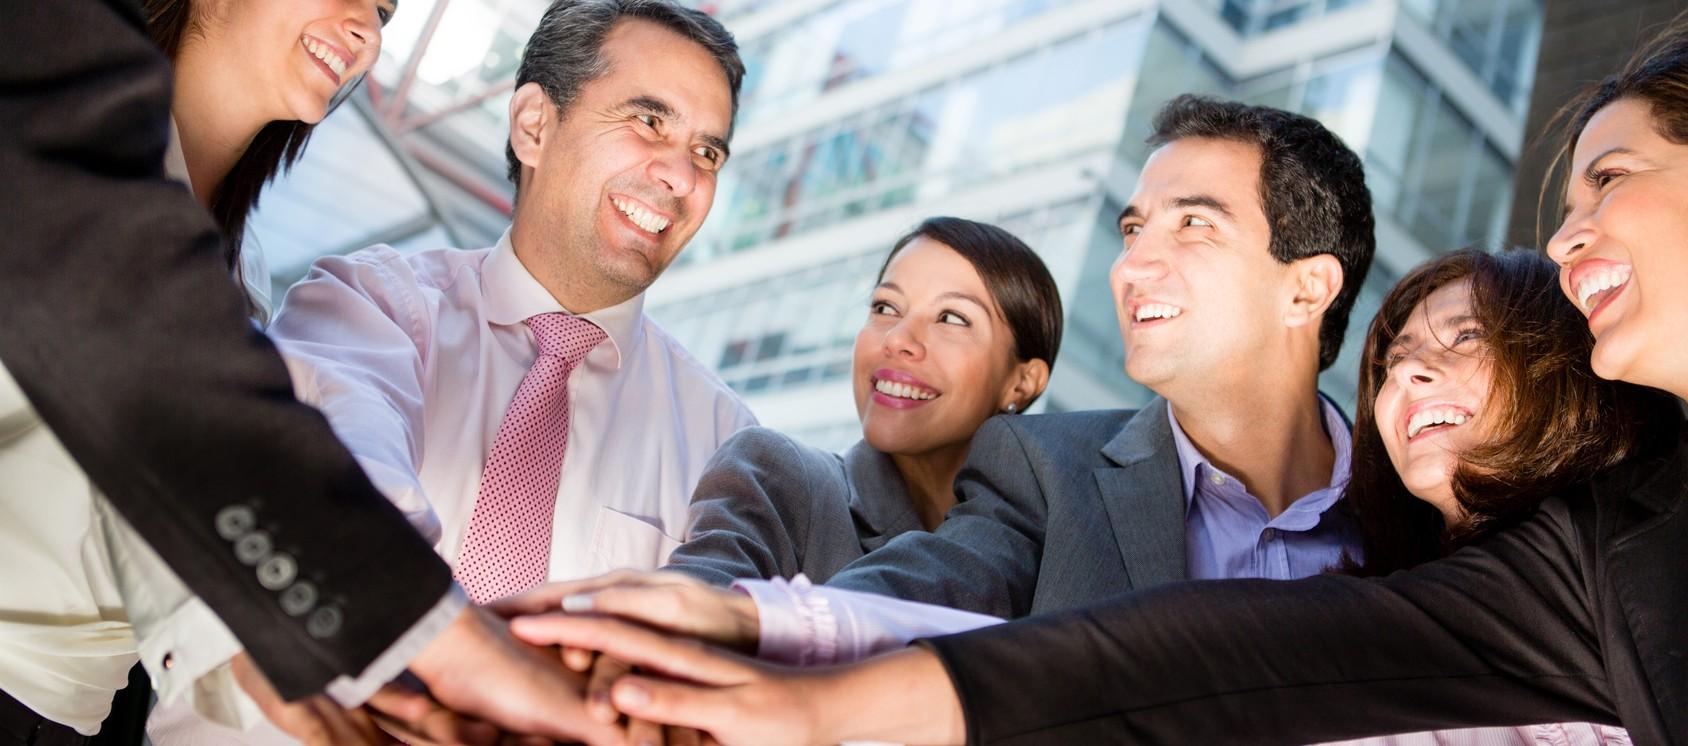 Komandinio darbo ugdymas - Teambuilding